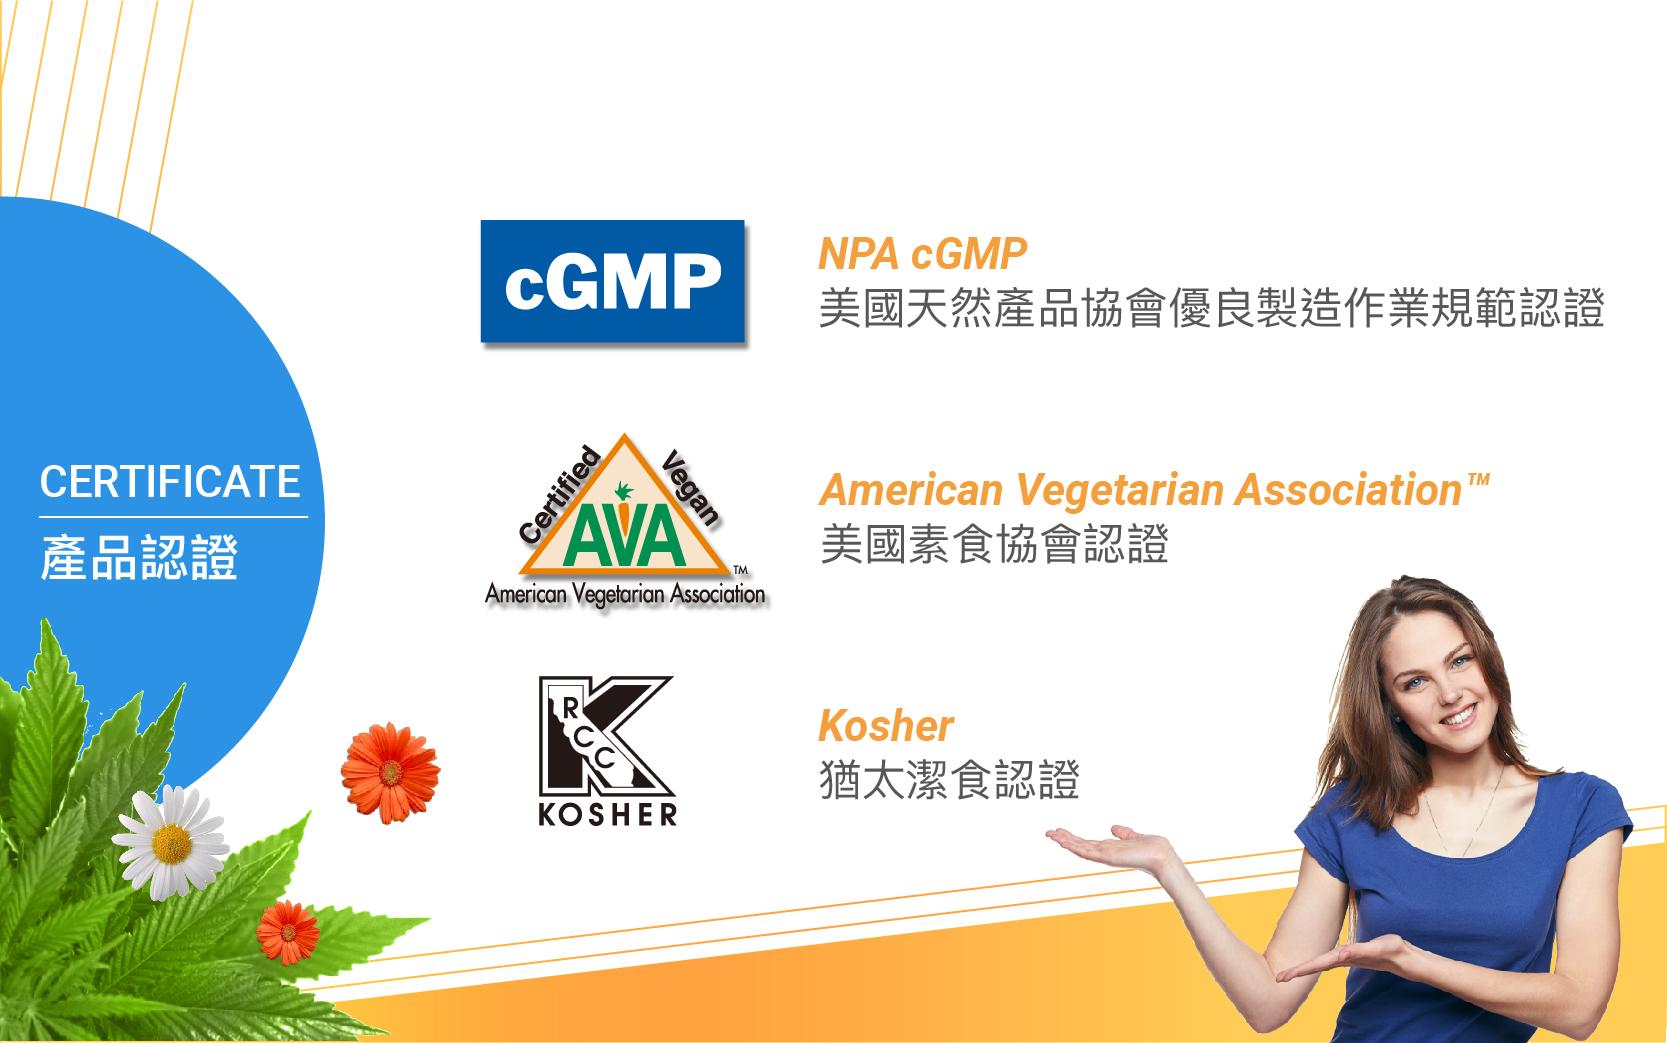 萃思鎂 液態硒-素食可-國際食安認證:美國素食協會認證 American Vegetarian Association,美國天然產品協會優良製造作業規範認證 NPA cGMP,猶太潔食認證 Star-k Kosher Certification,美國製造 Made in USA